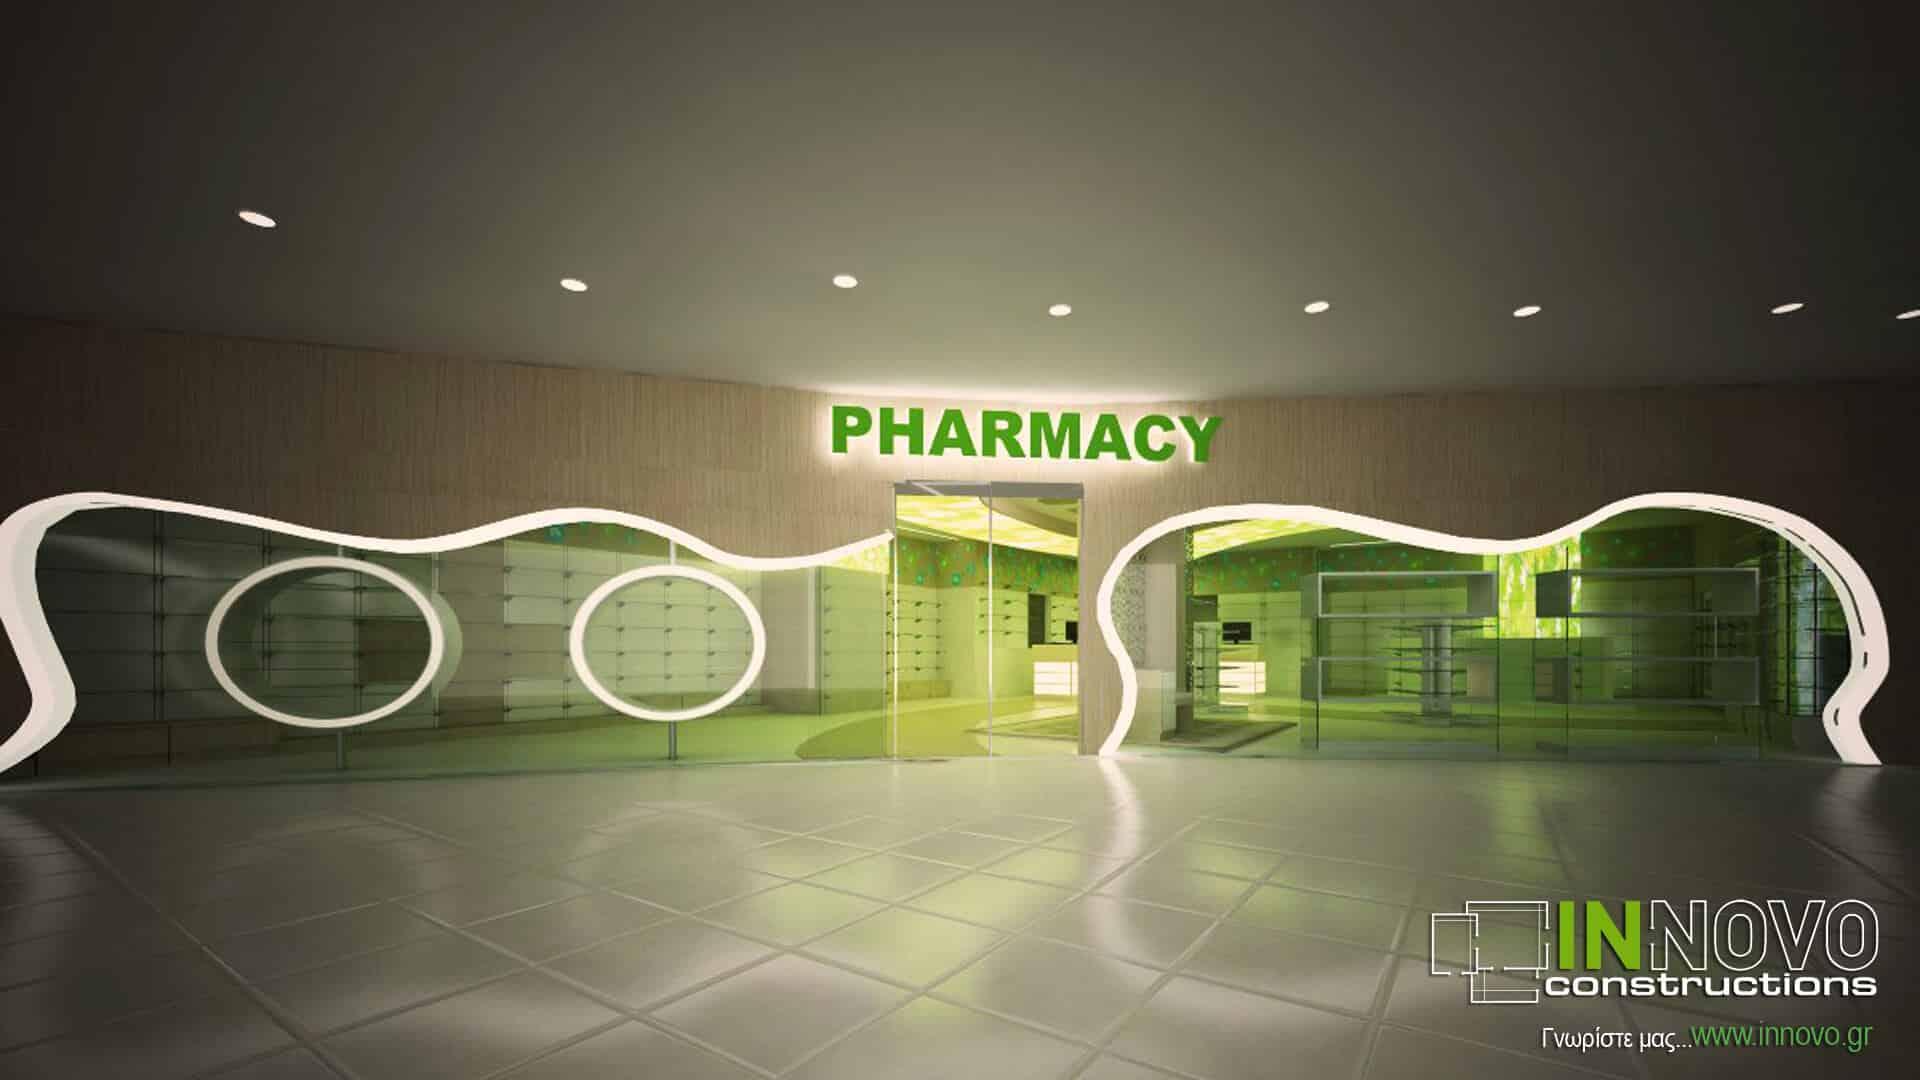 Μελέτη ανακαίνισης φαρμακείου στο Κατάρ από την Innovo